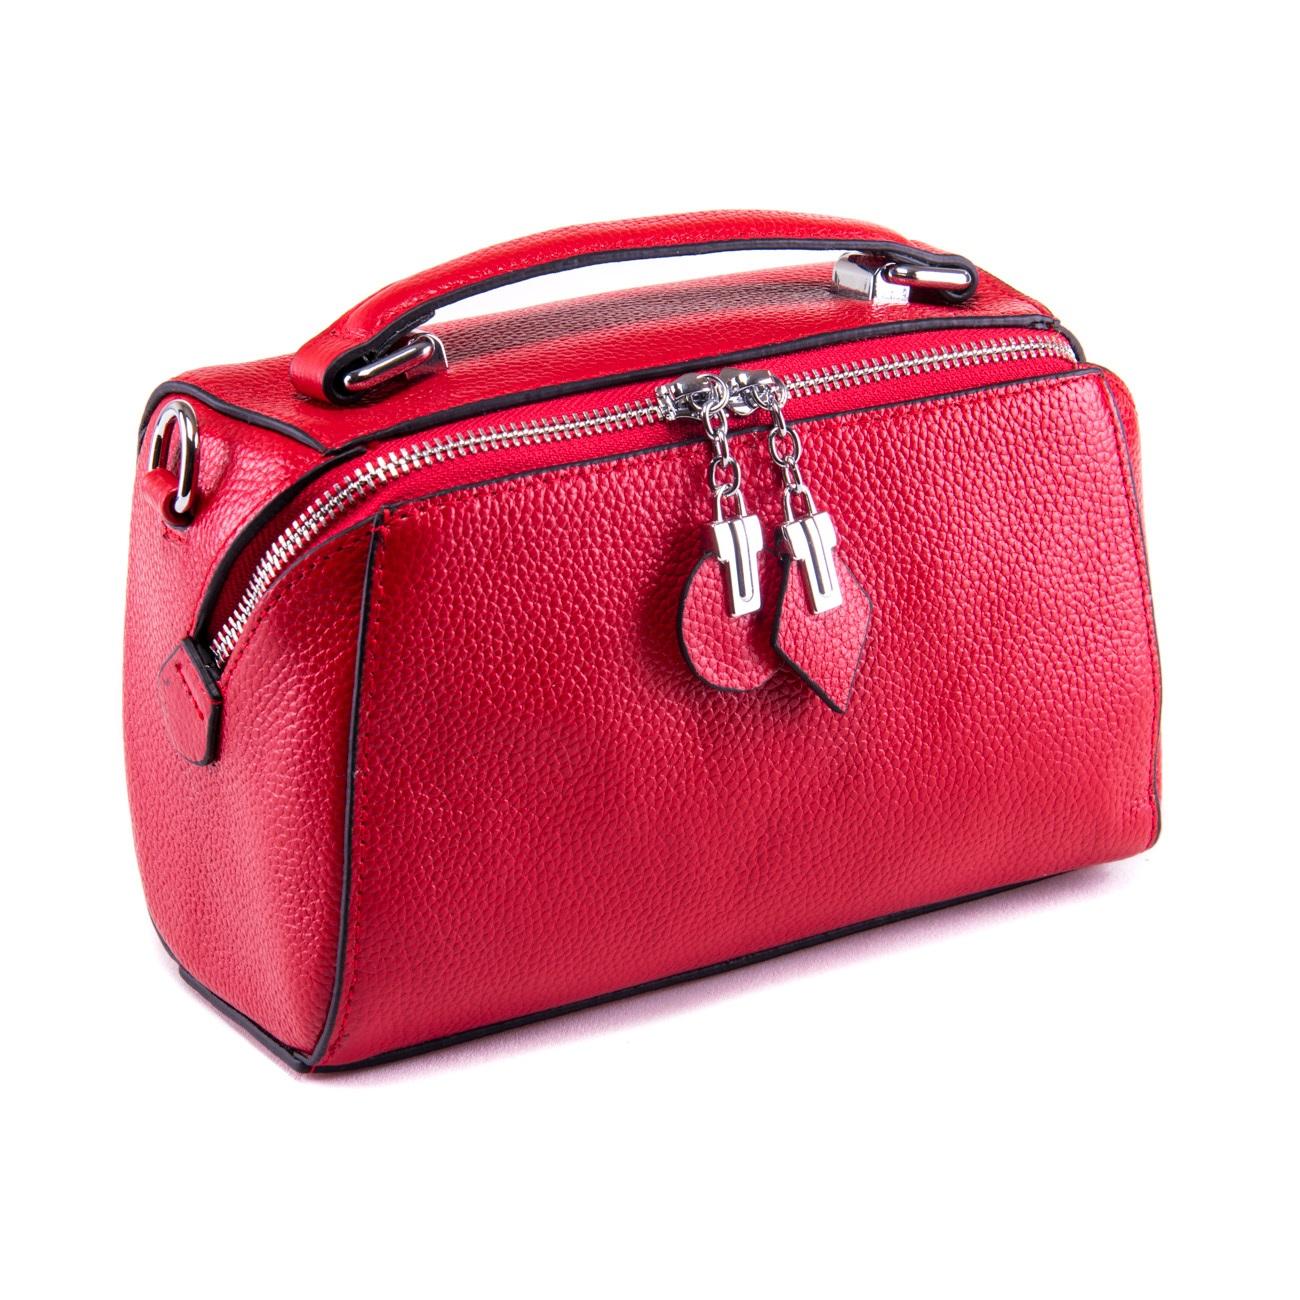 Сумка Женская Клатч кожа ALEX RAI 1-02 29018-8 red